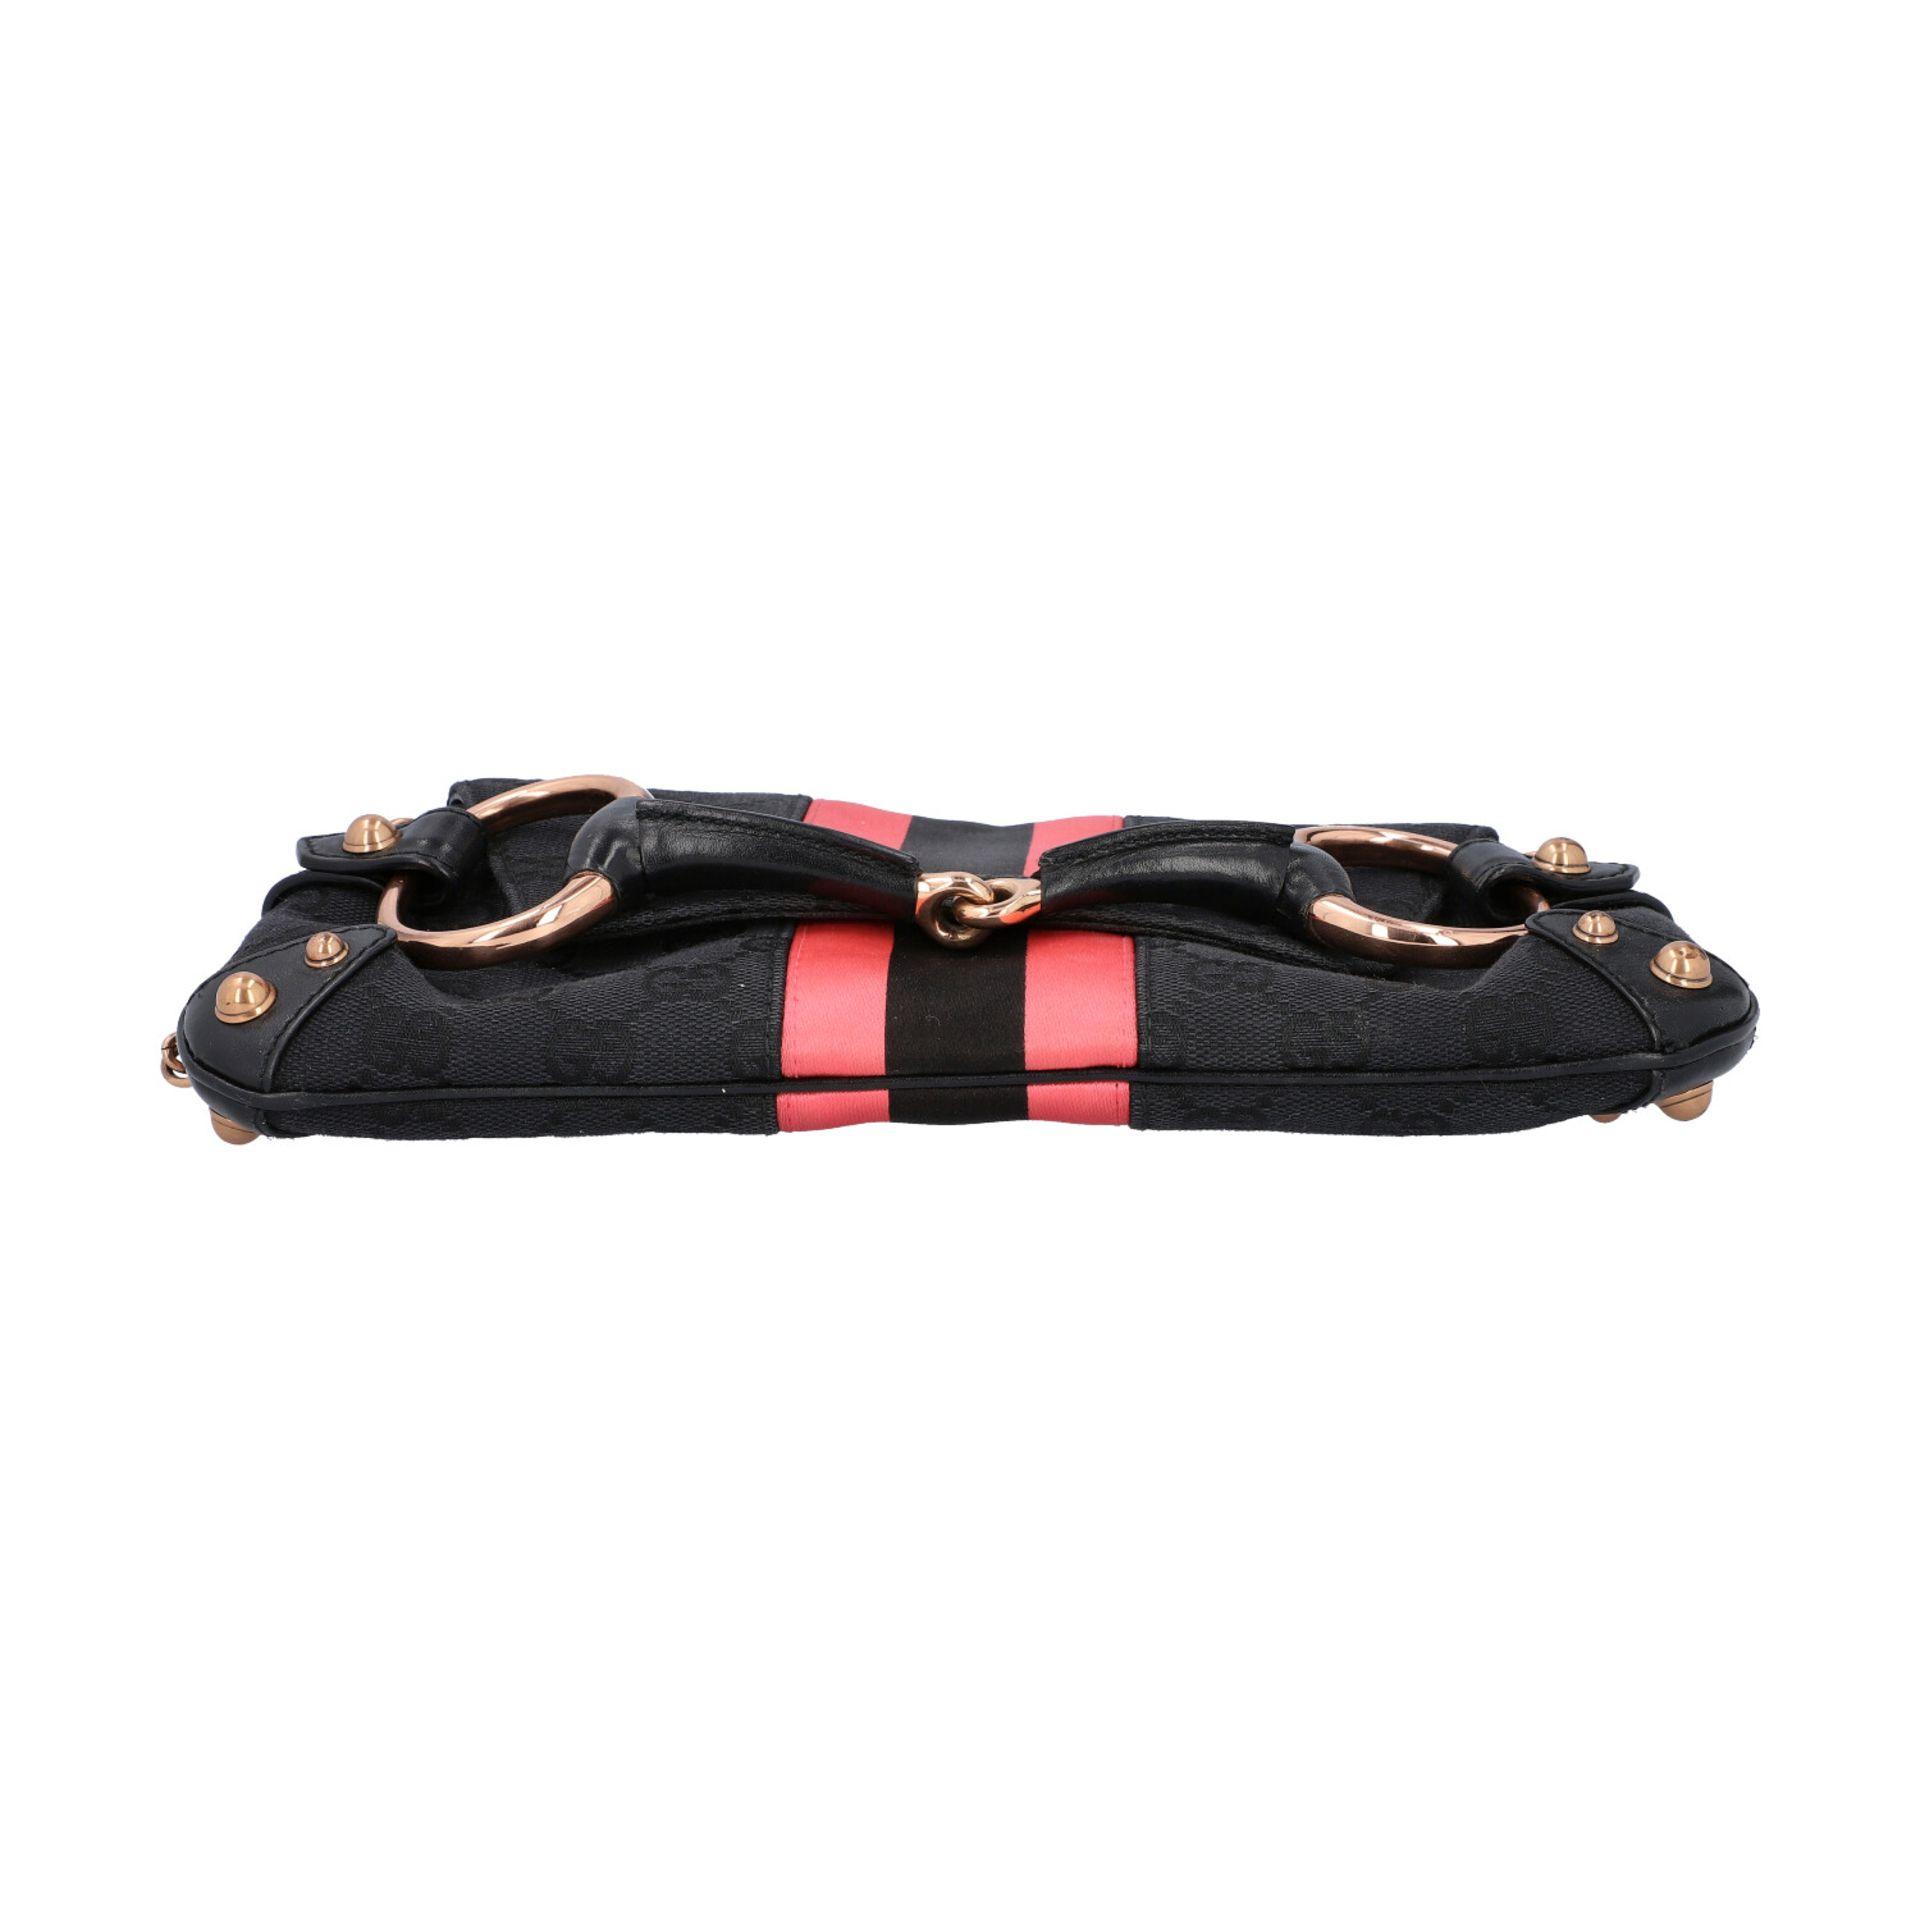 GUCCI Pochette. Guccissima Webmuster in Schwarz mit rosafarbenen Streifen und roségol - Image 5 of 8